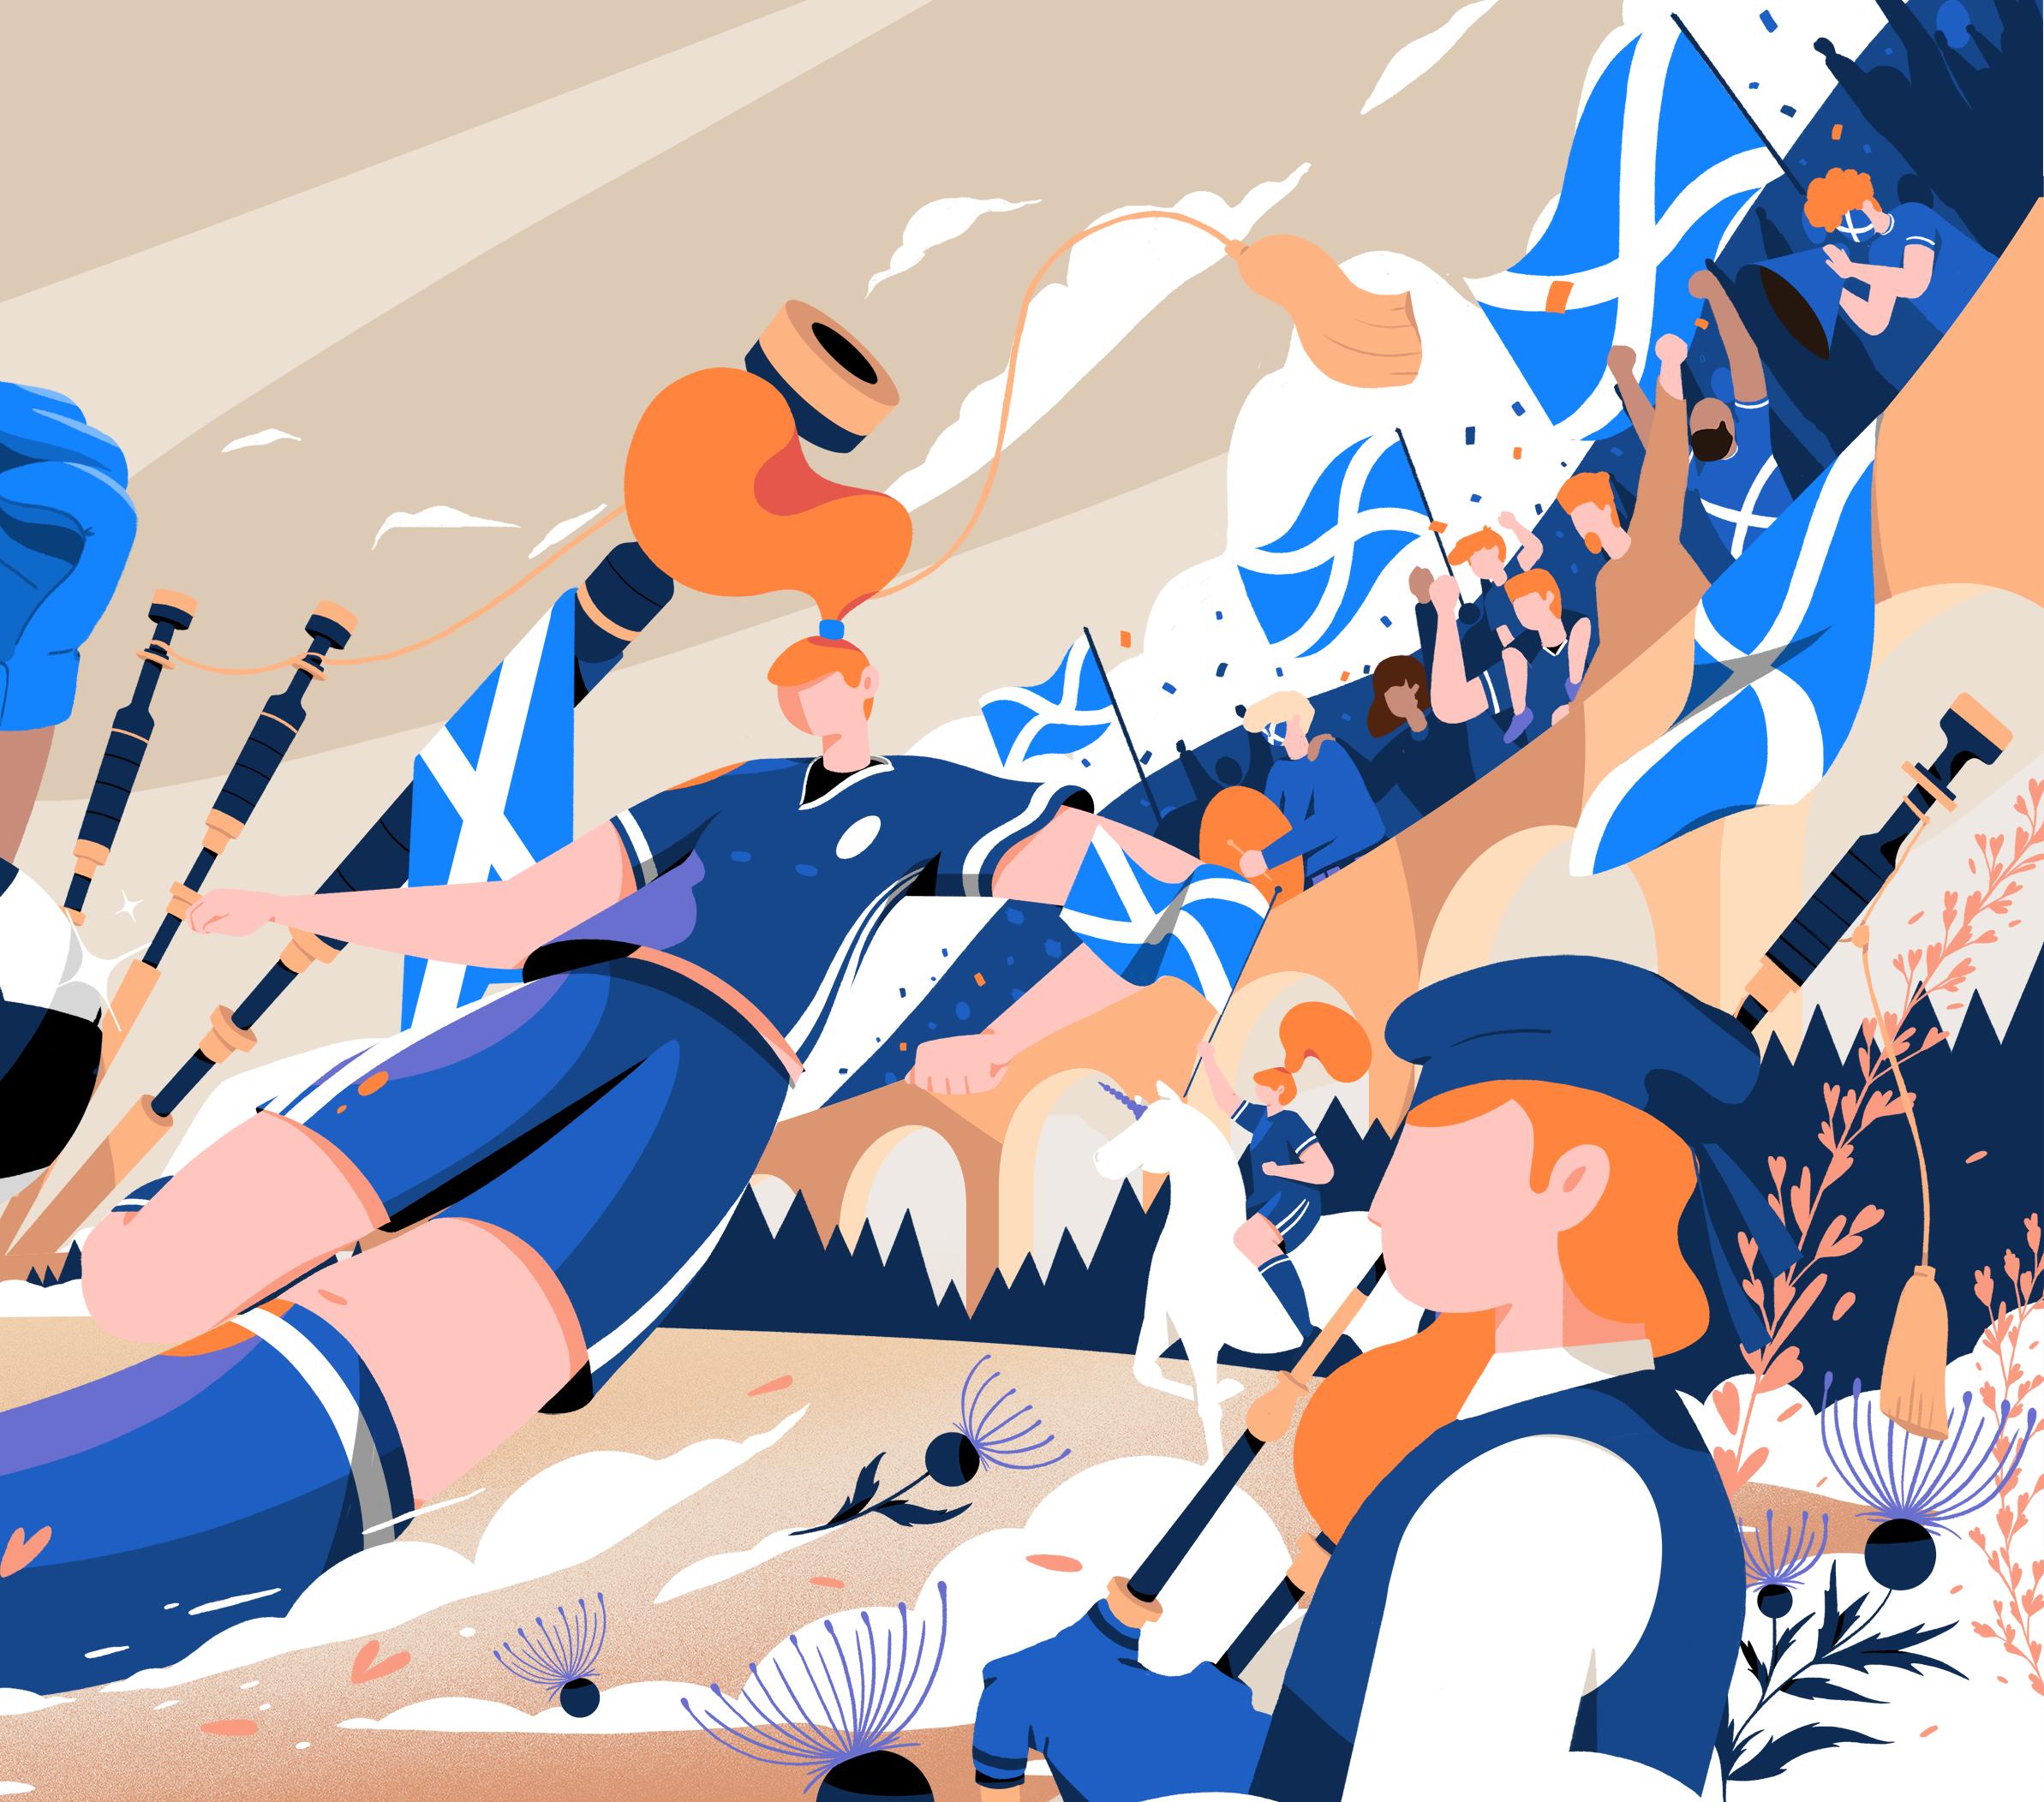 """查看此 Behance 项目 """"Google Doodle / Fifa Women's World Cup"""